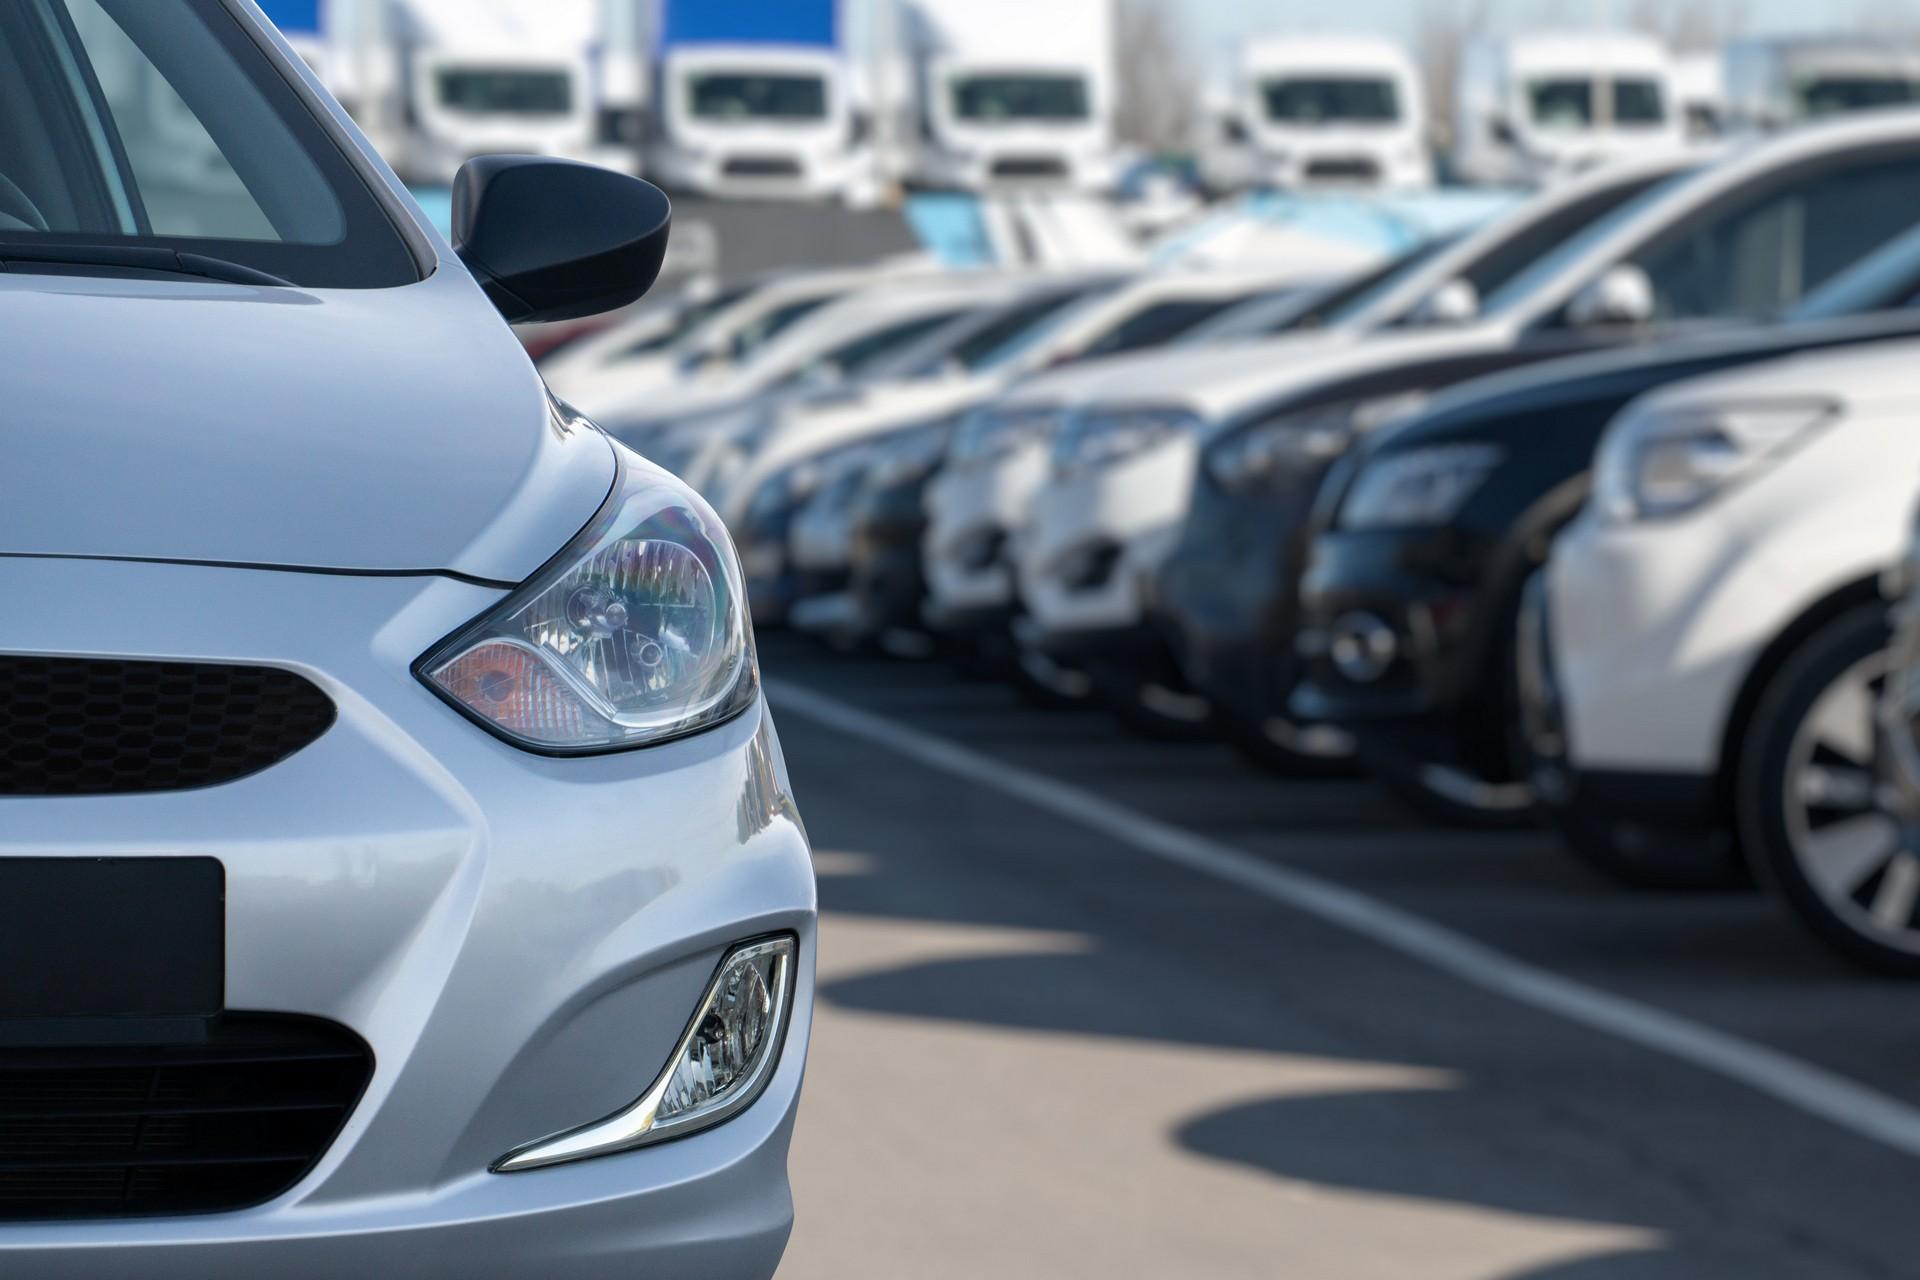 Авито Авто: продажи автомобилей с пробегом в России по итогам III квартала выросли на 7,1%